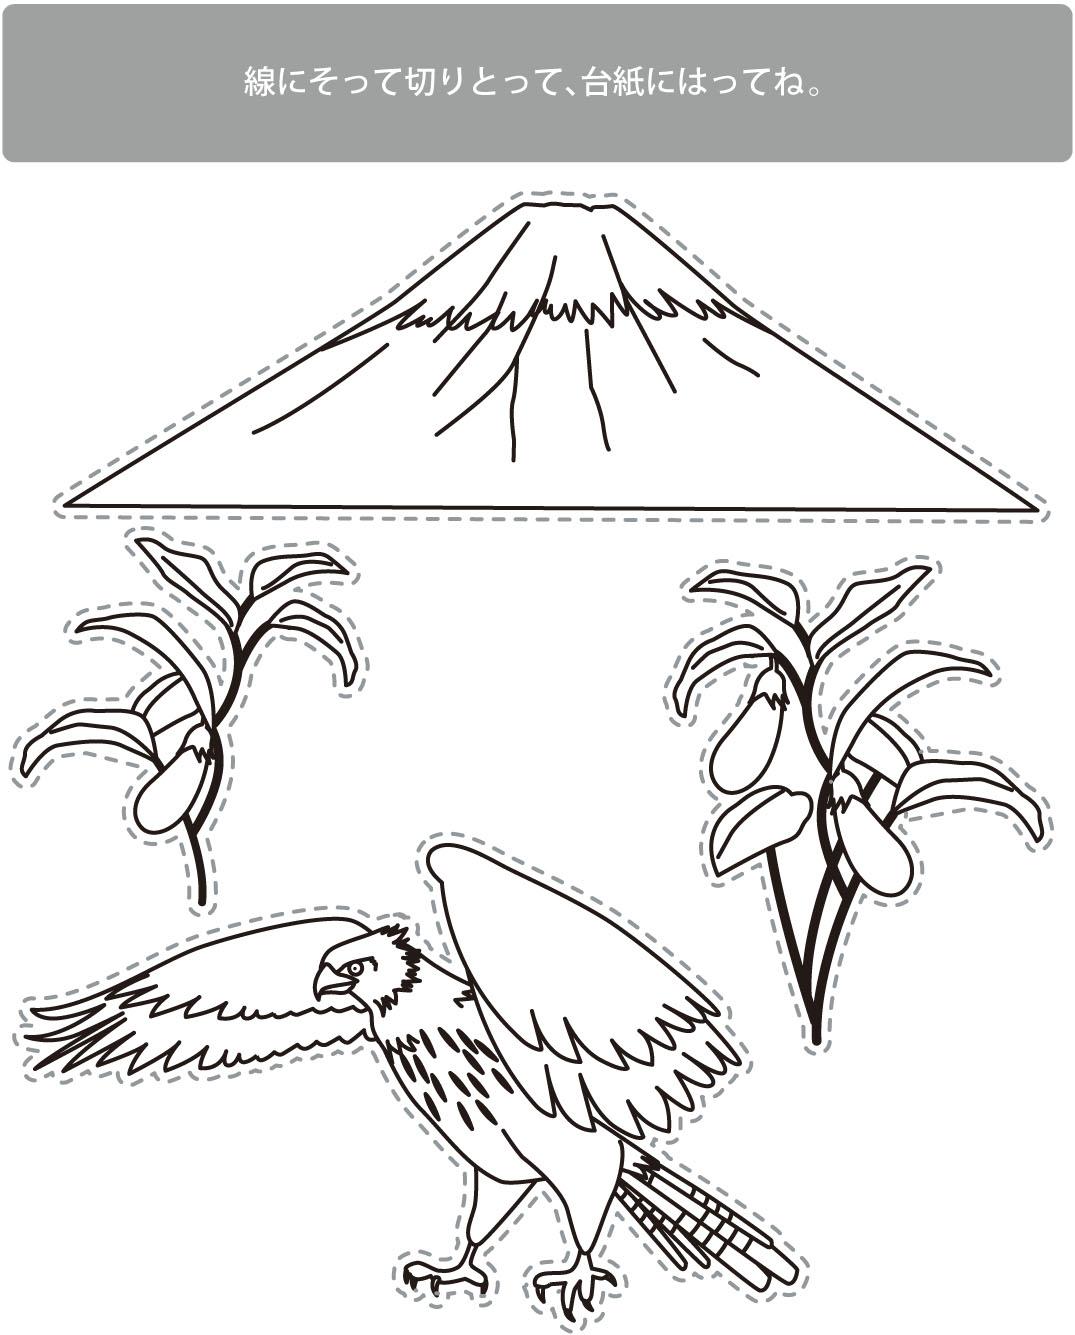 レク素材 一富士二鷹三茄子介護レク広場レク素材やレクネタ企画書